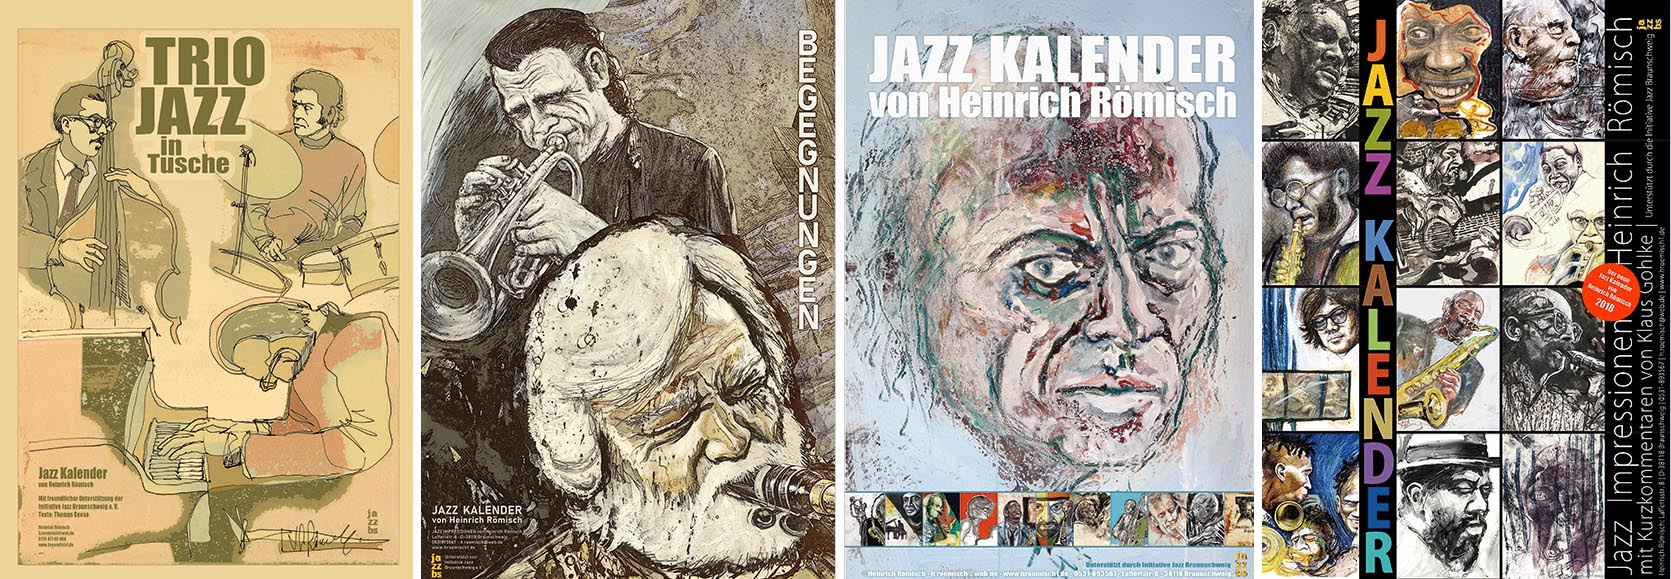 Jazz Kalender von Heinrich Römisch